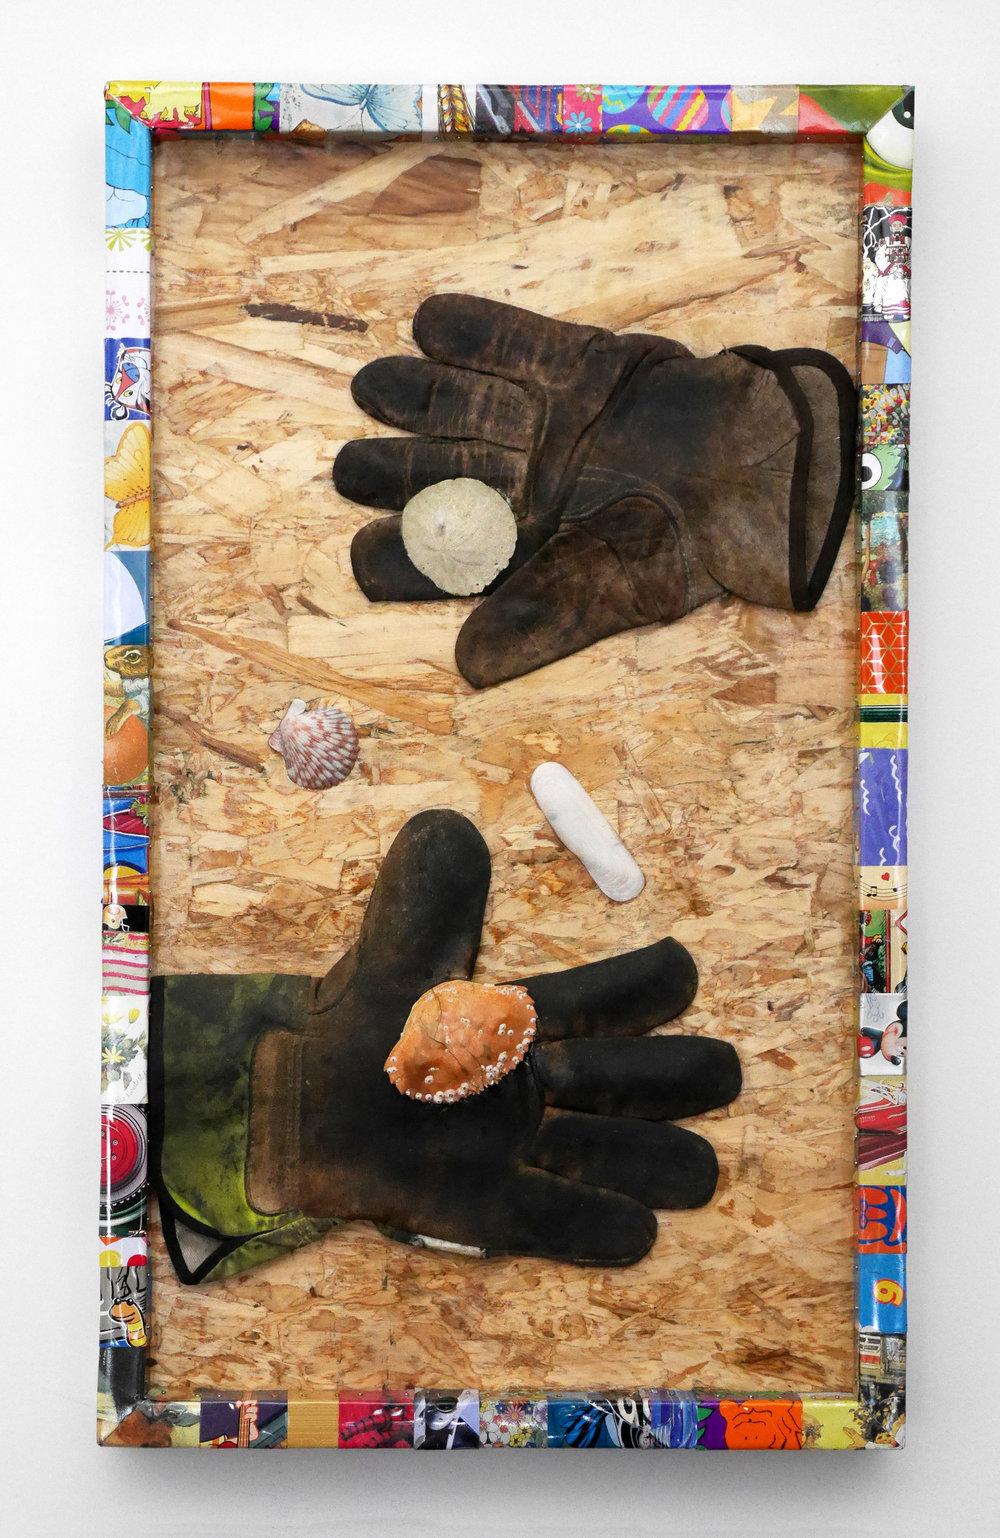 handsshells4-2500px.jpg